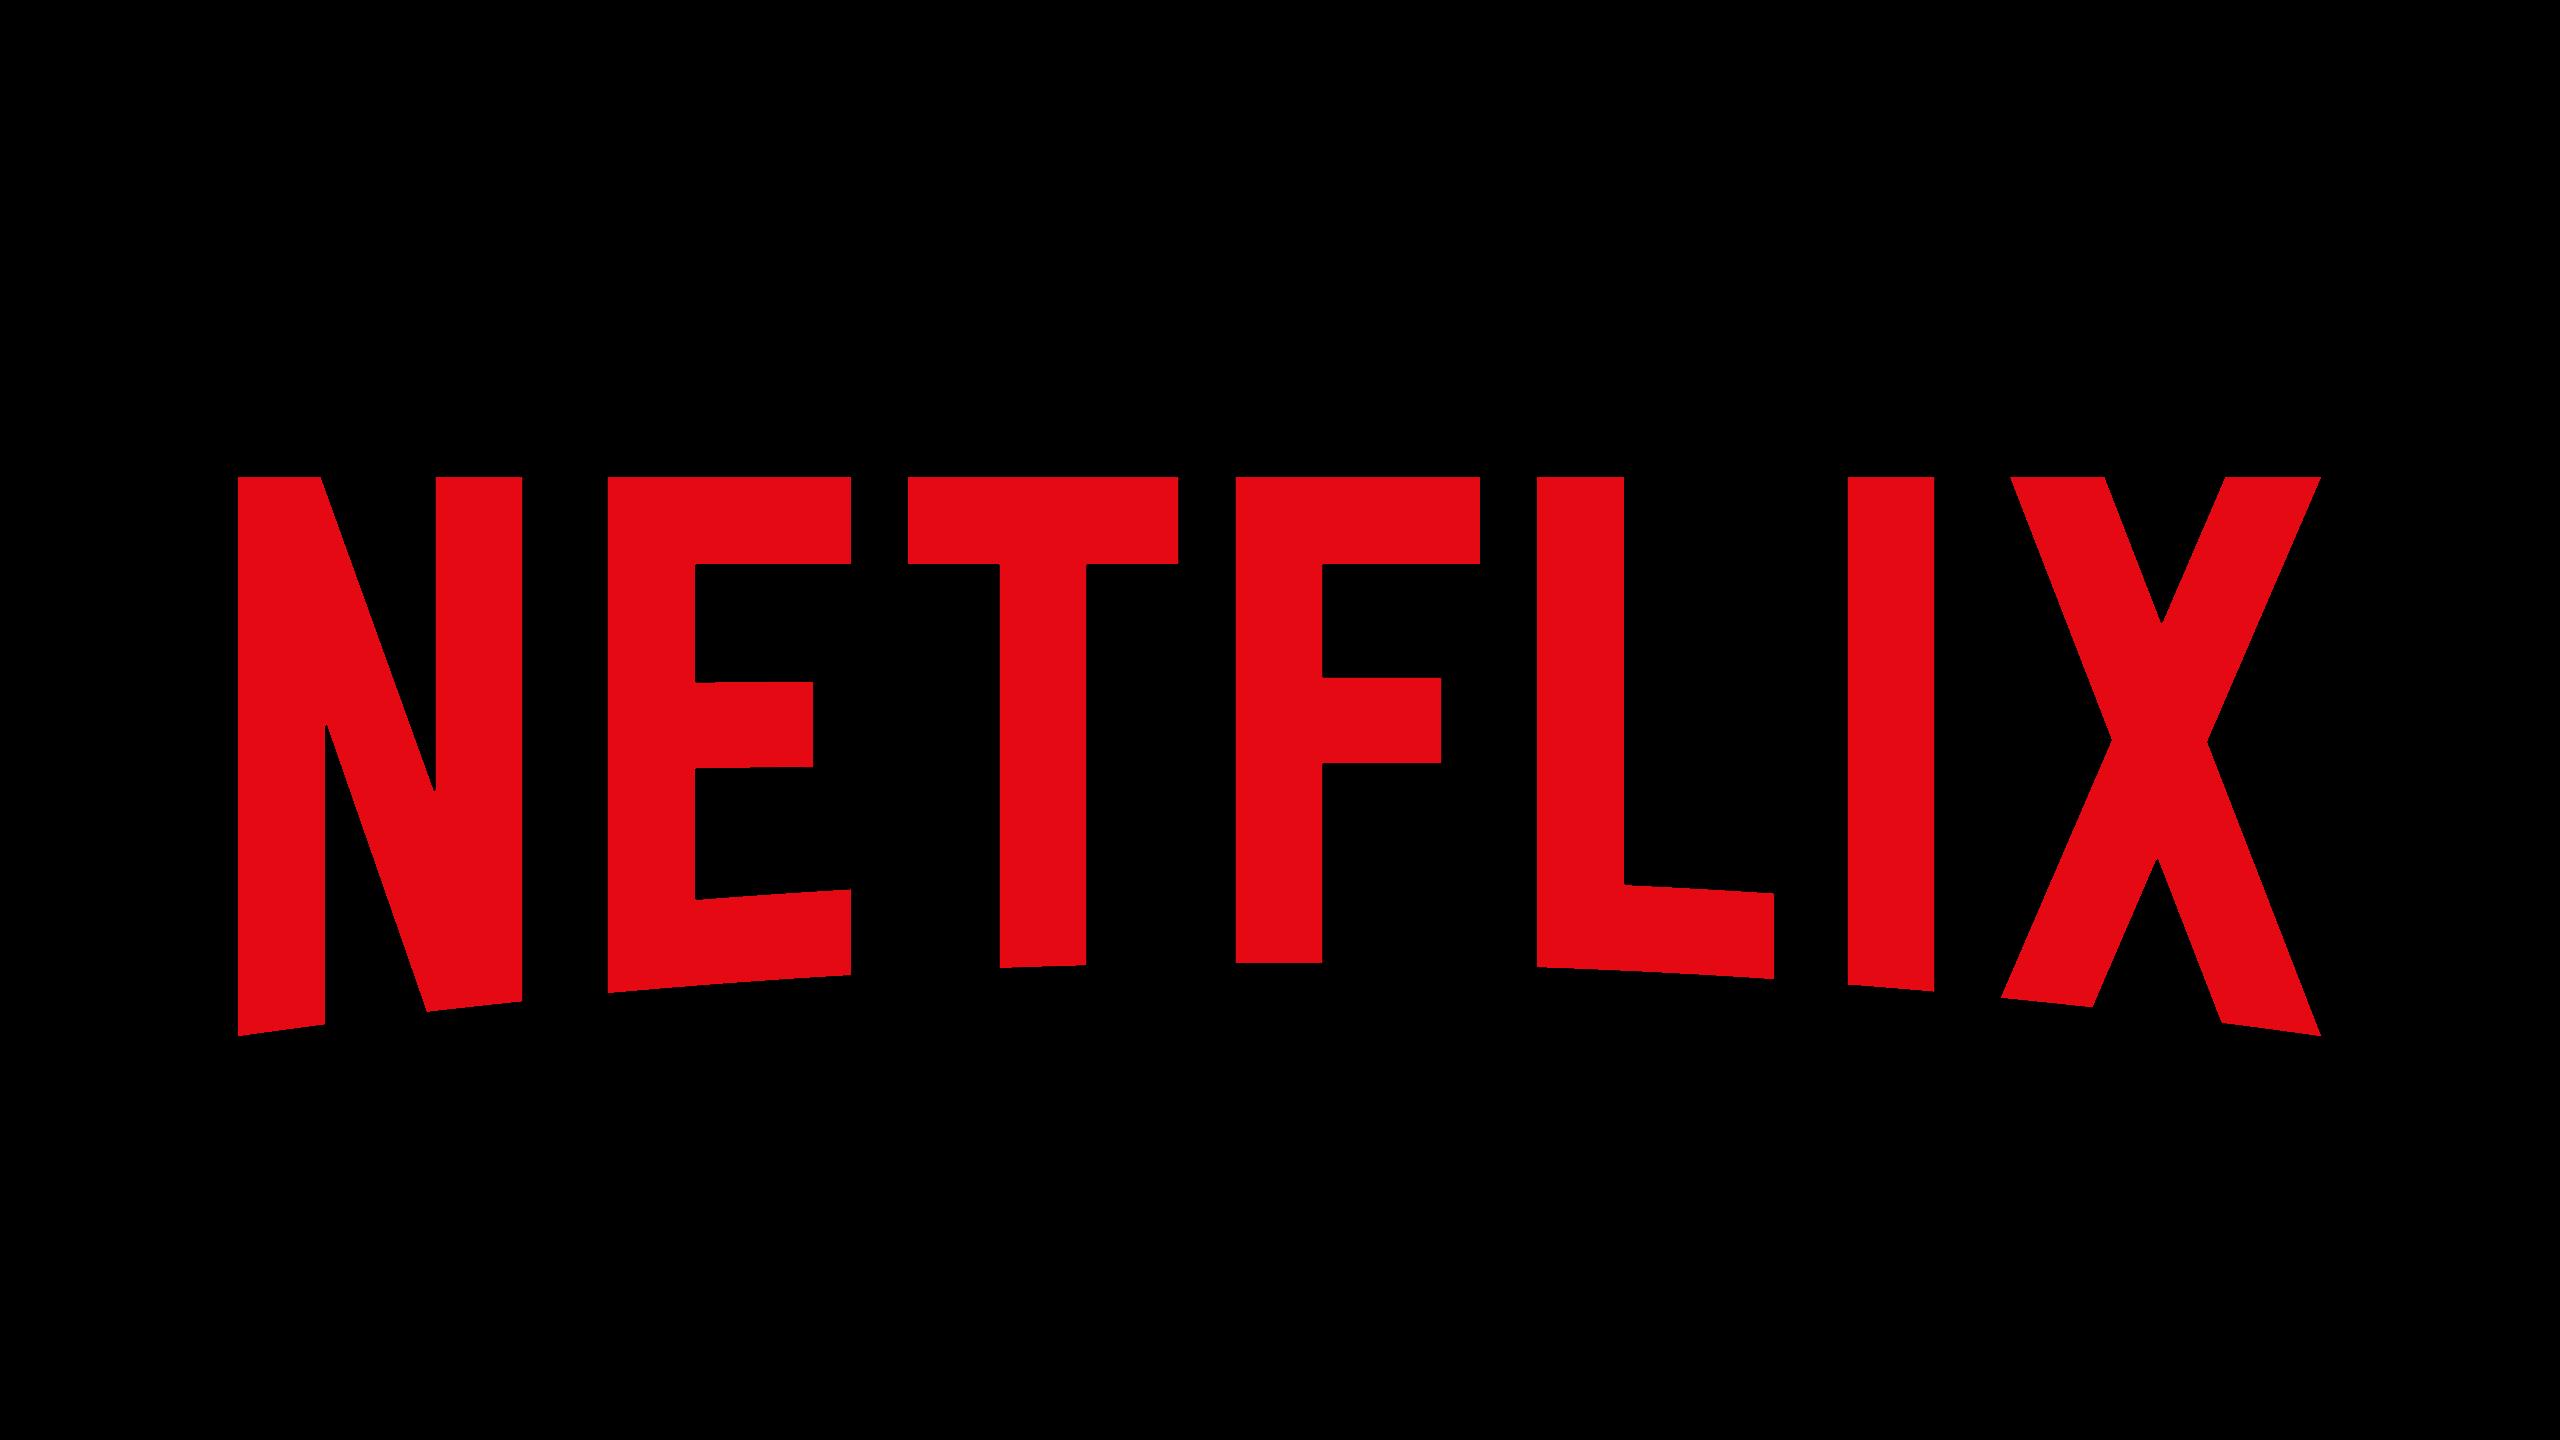 Netflix Movies to Watch Tonight